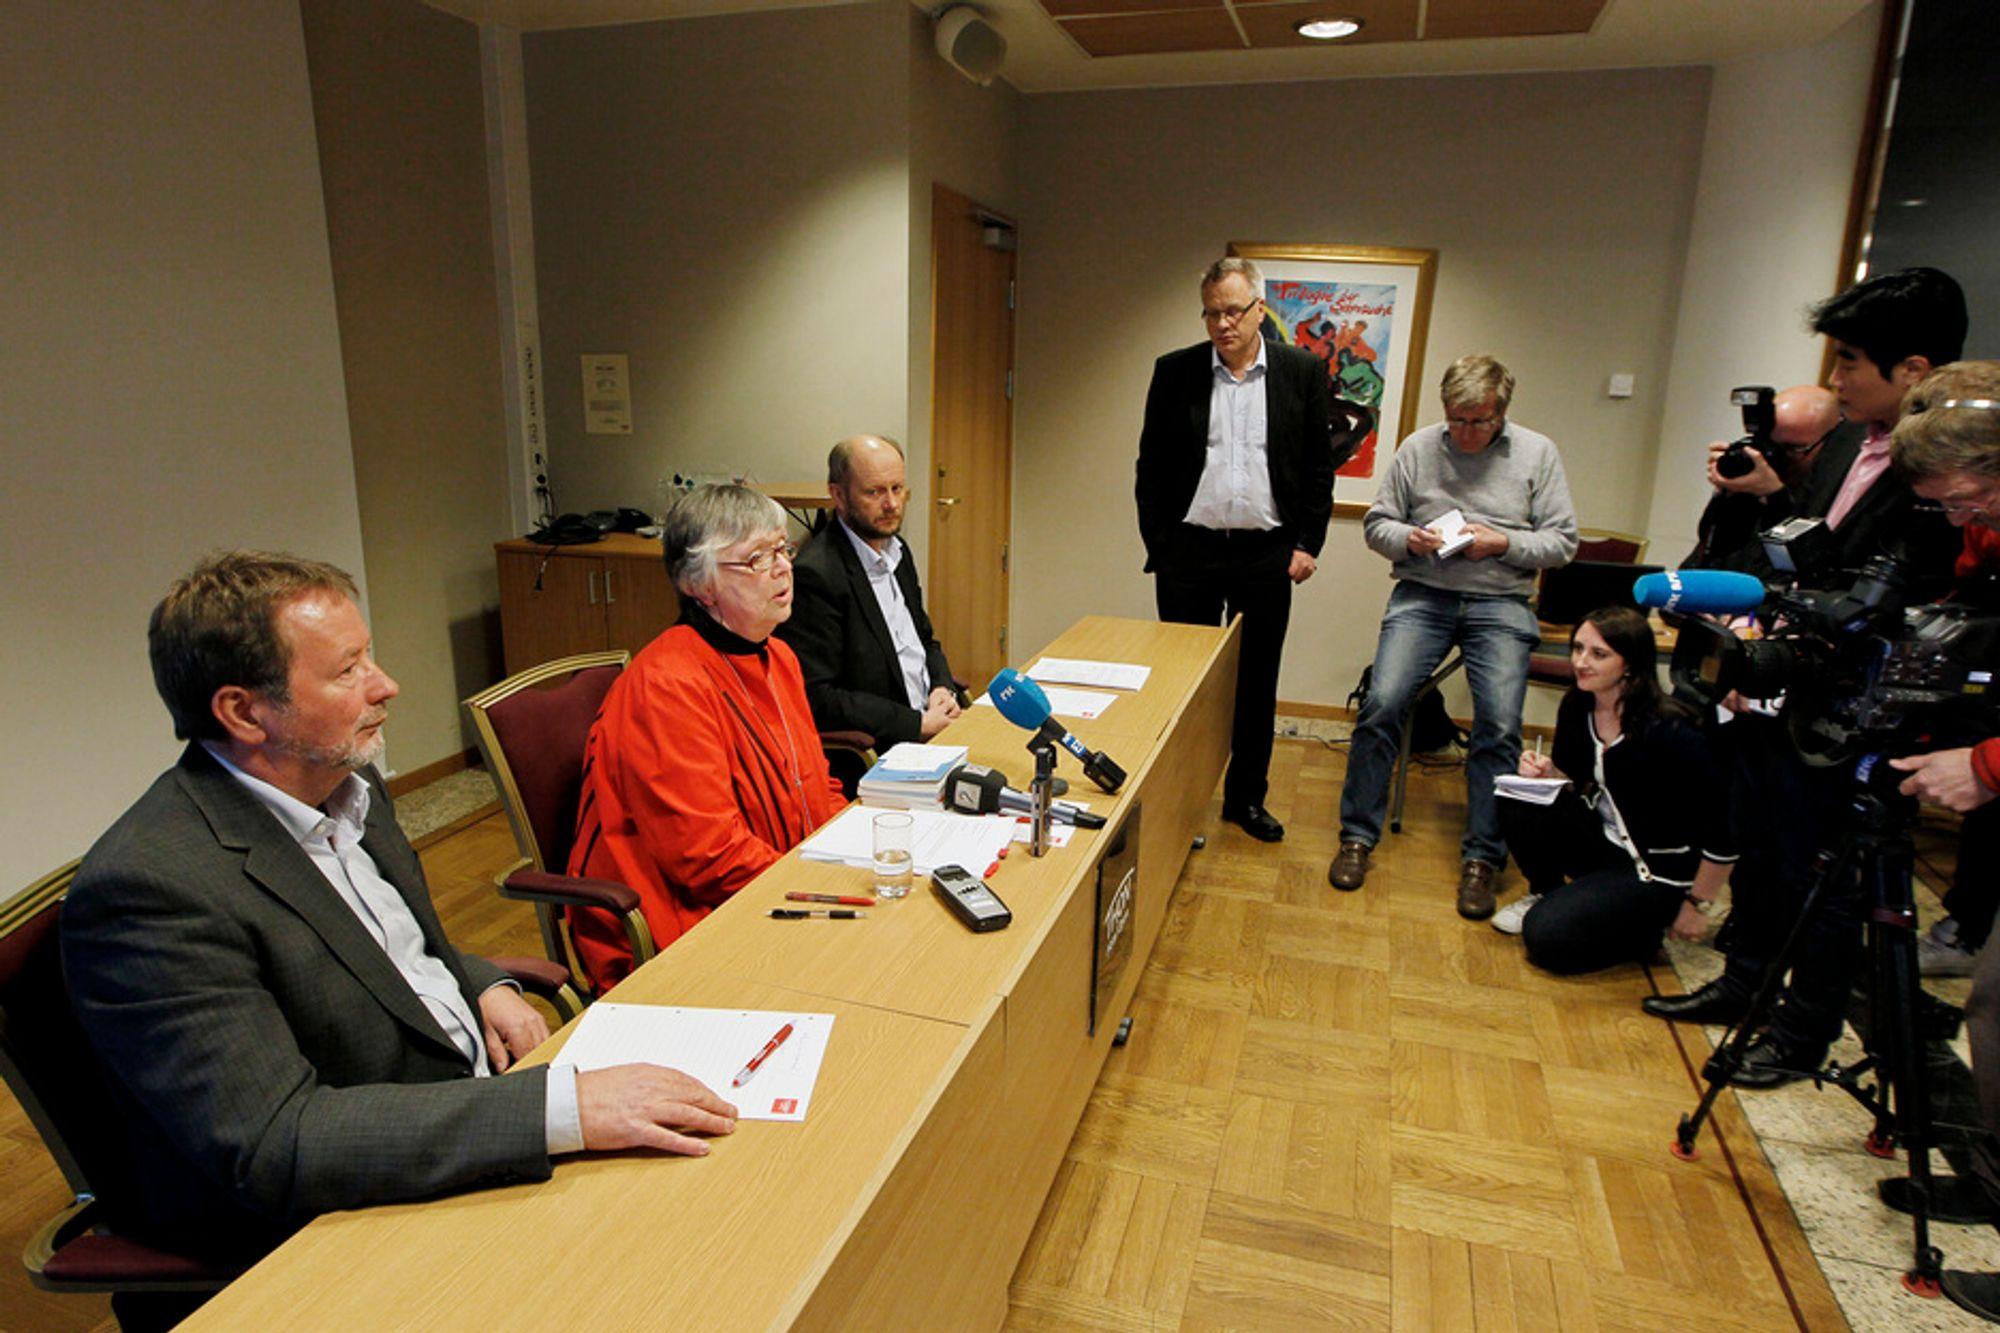 ENIGHET: Arve Bakke (fra venstre), leder i Fellesforbundet, riksmeklingsmann Kari Gjesteby og leder i Norsk Industri, Stein Lier-Hansen, holder pressekonferanse søndag etter at partene har blitt enige om en anbefalt løsning.